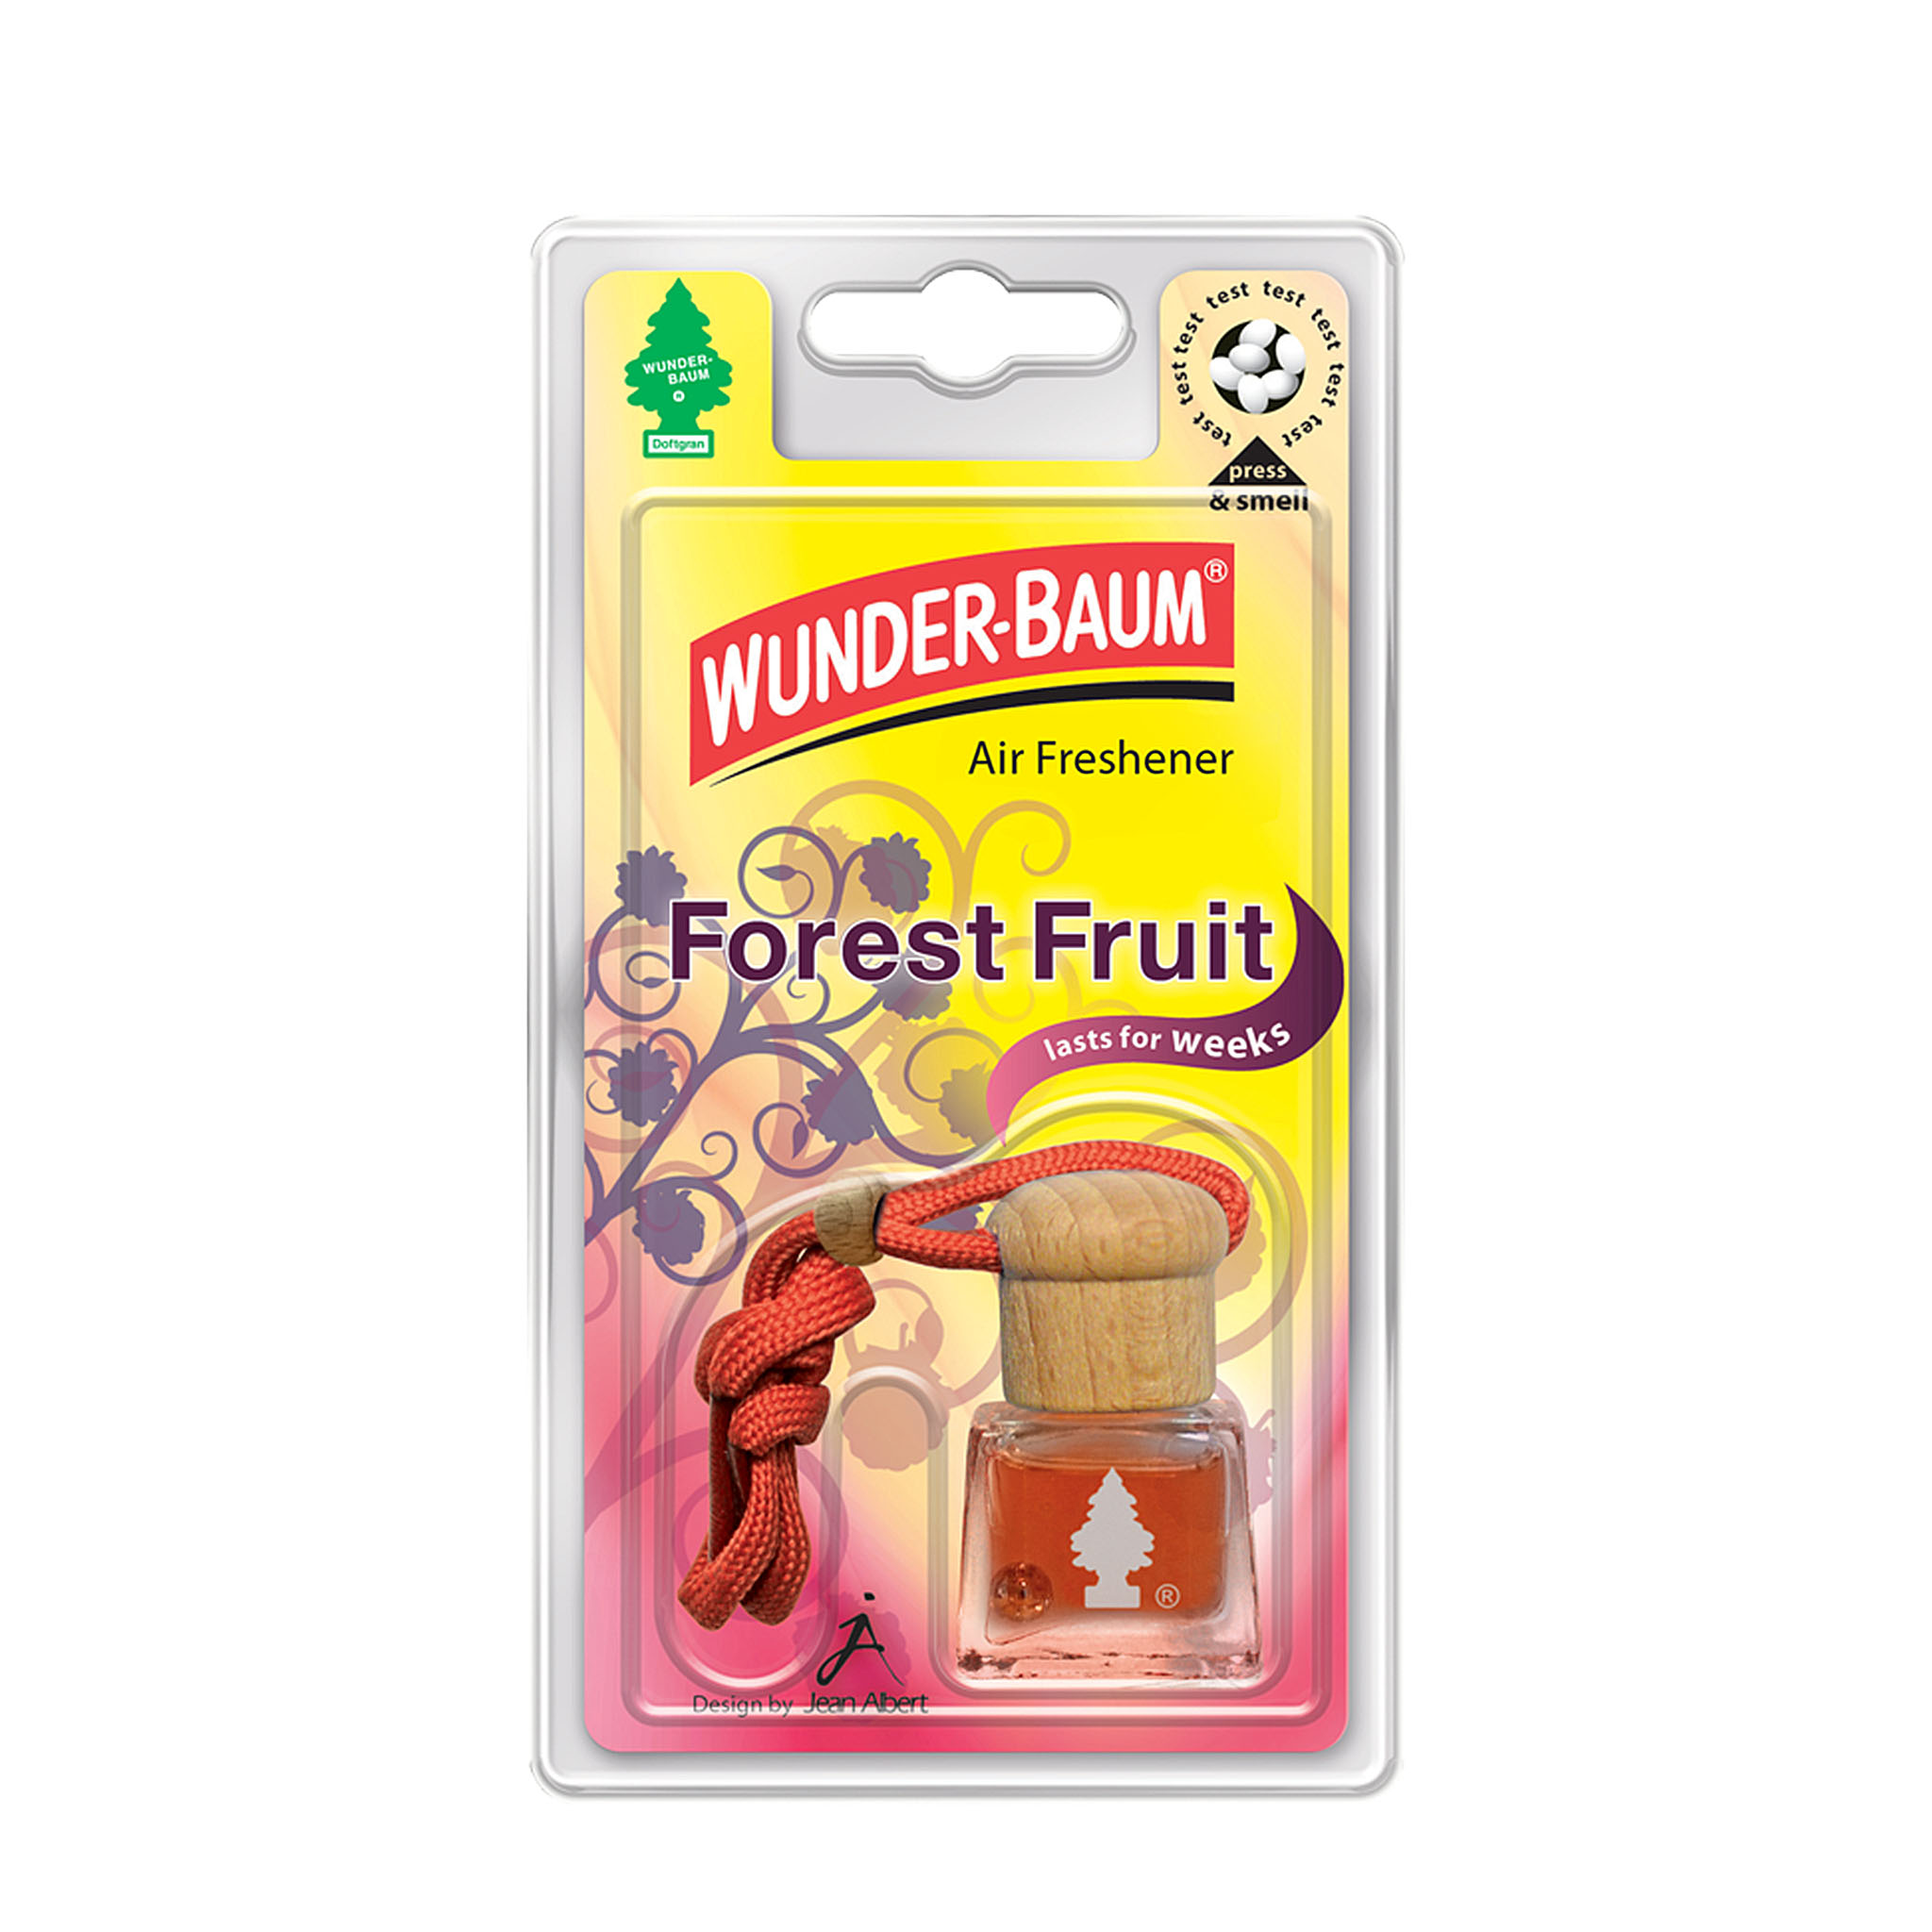 Luftfräschare Wunder-Baum Bottles, Tropical